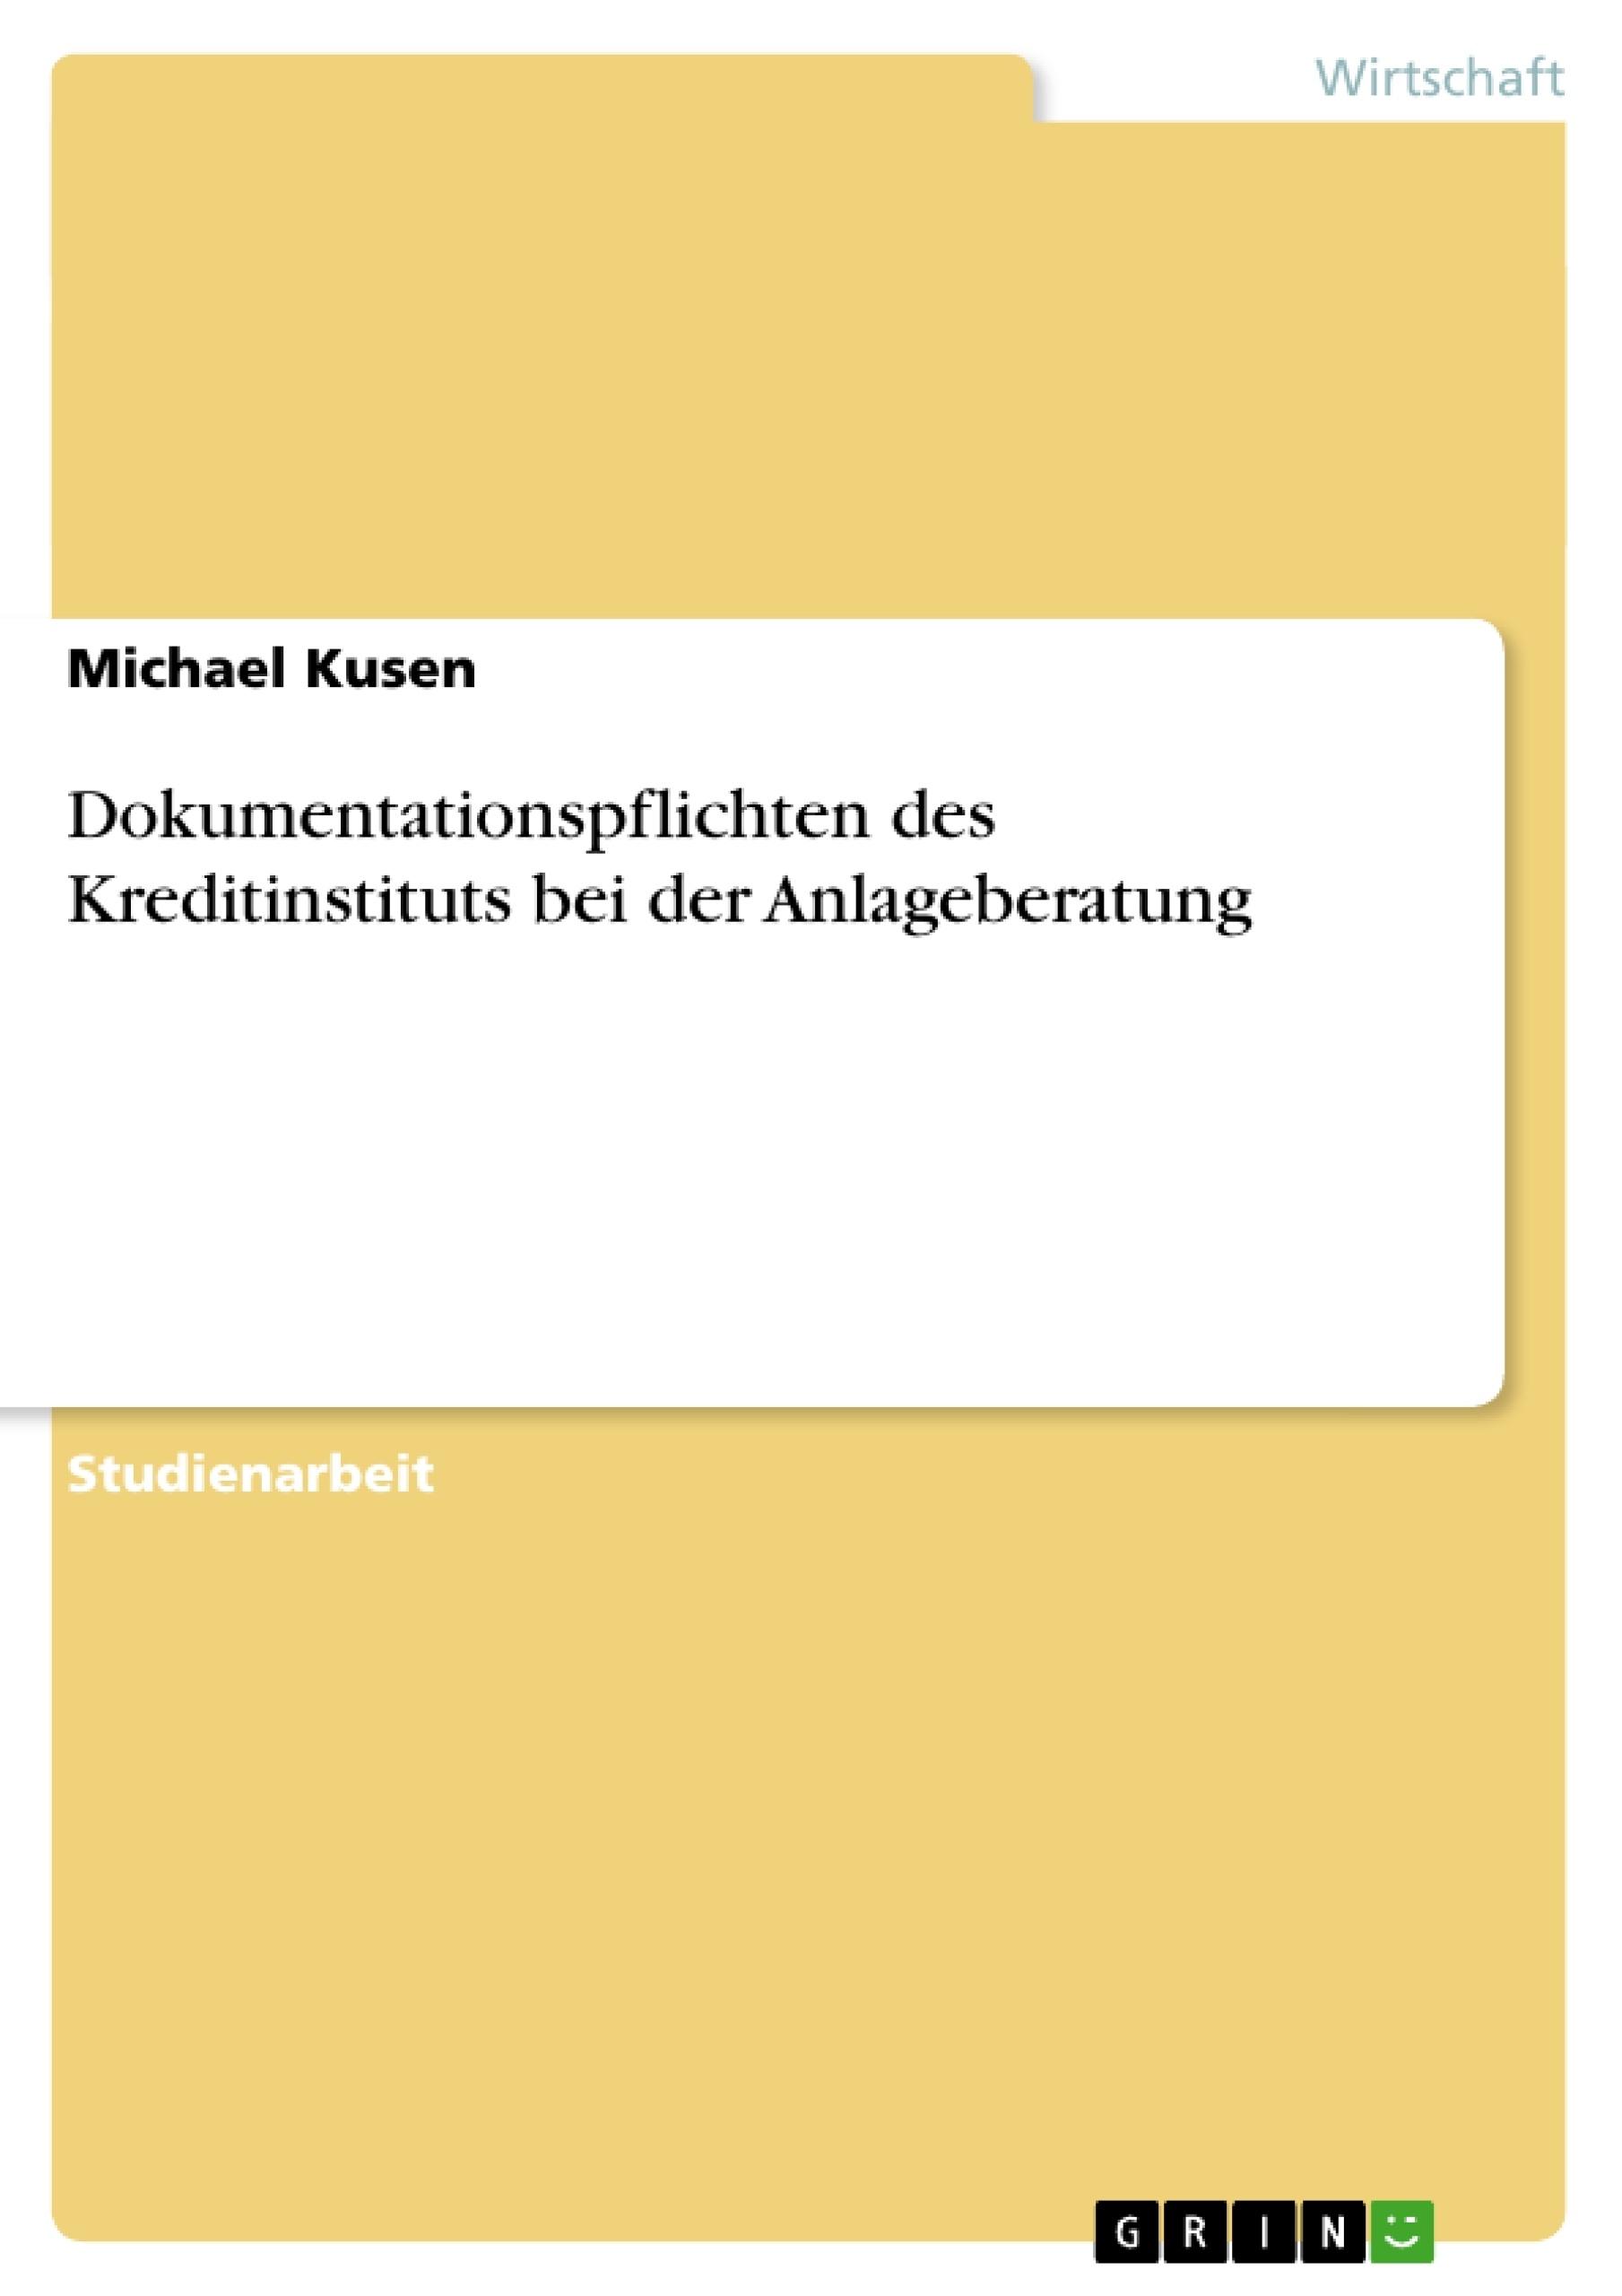 Titel: Dokumentationspflichten des Kreditinstituts bei der Anlageberatung